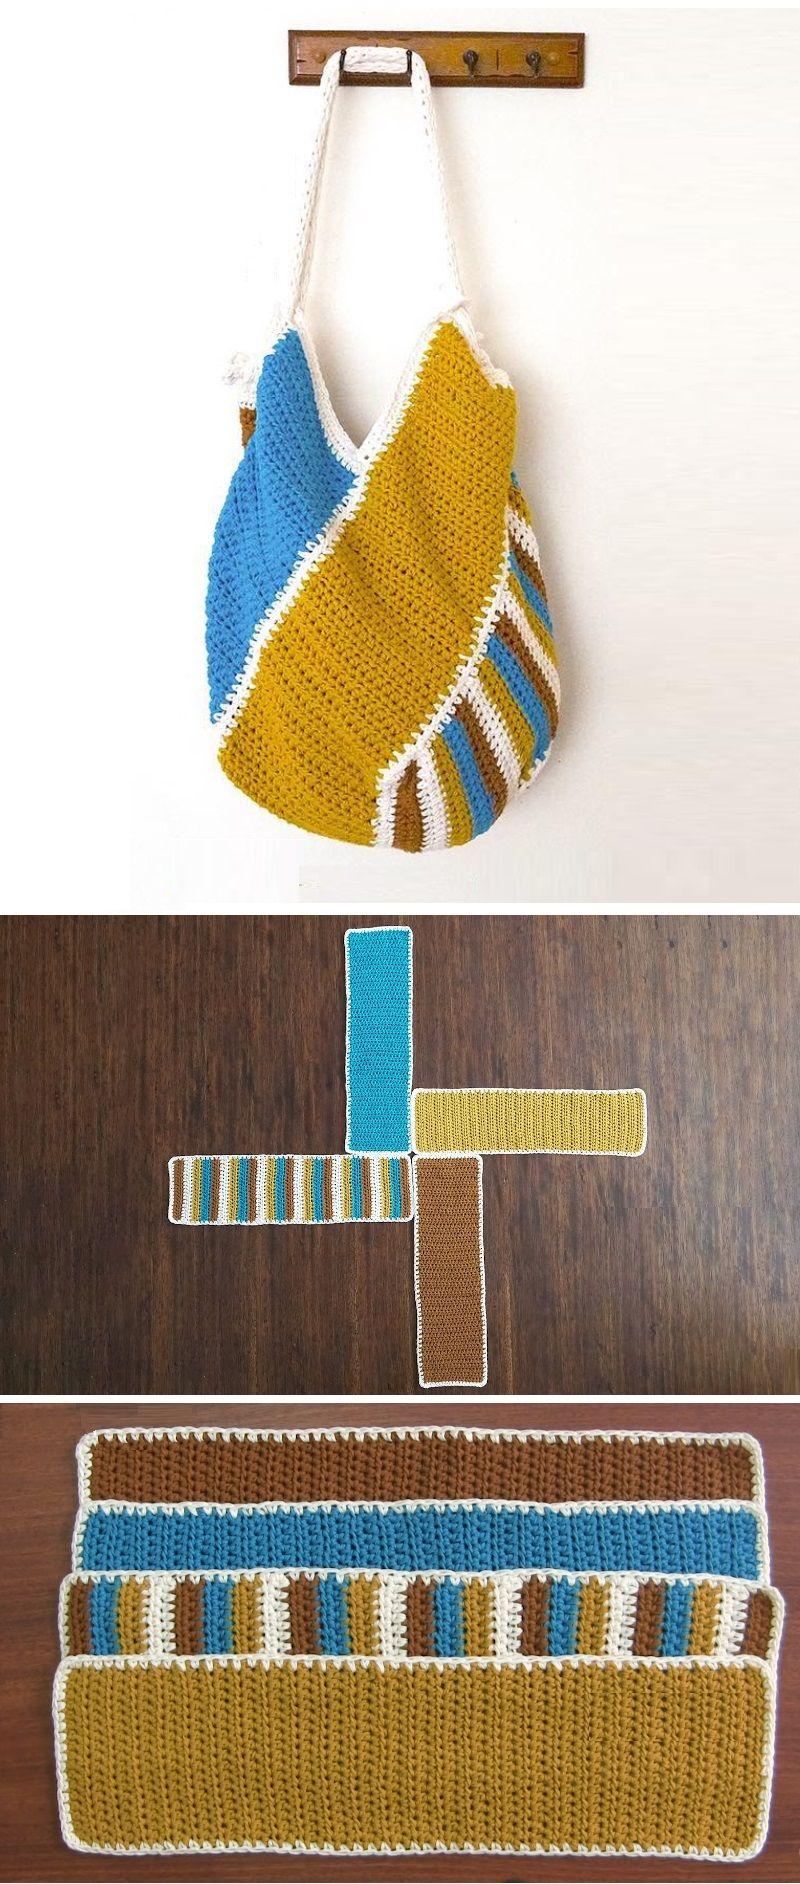 Crochet Motif Handbag from Squares